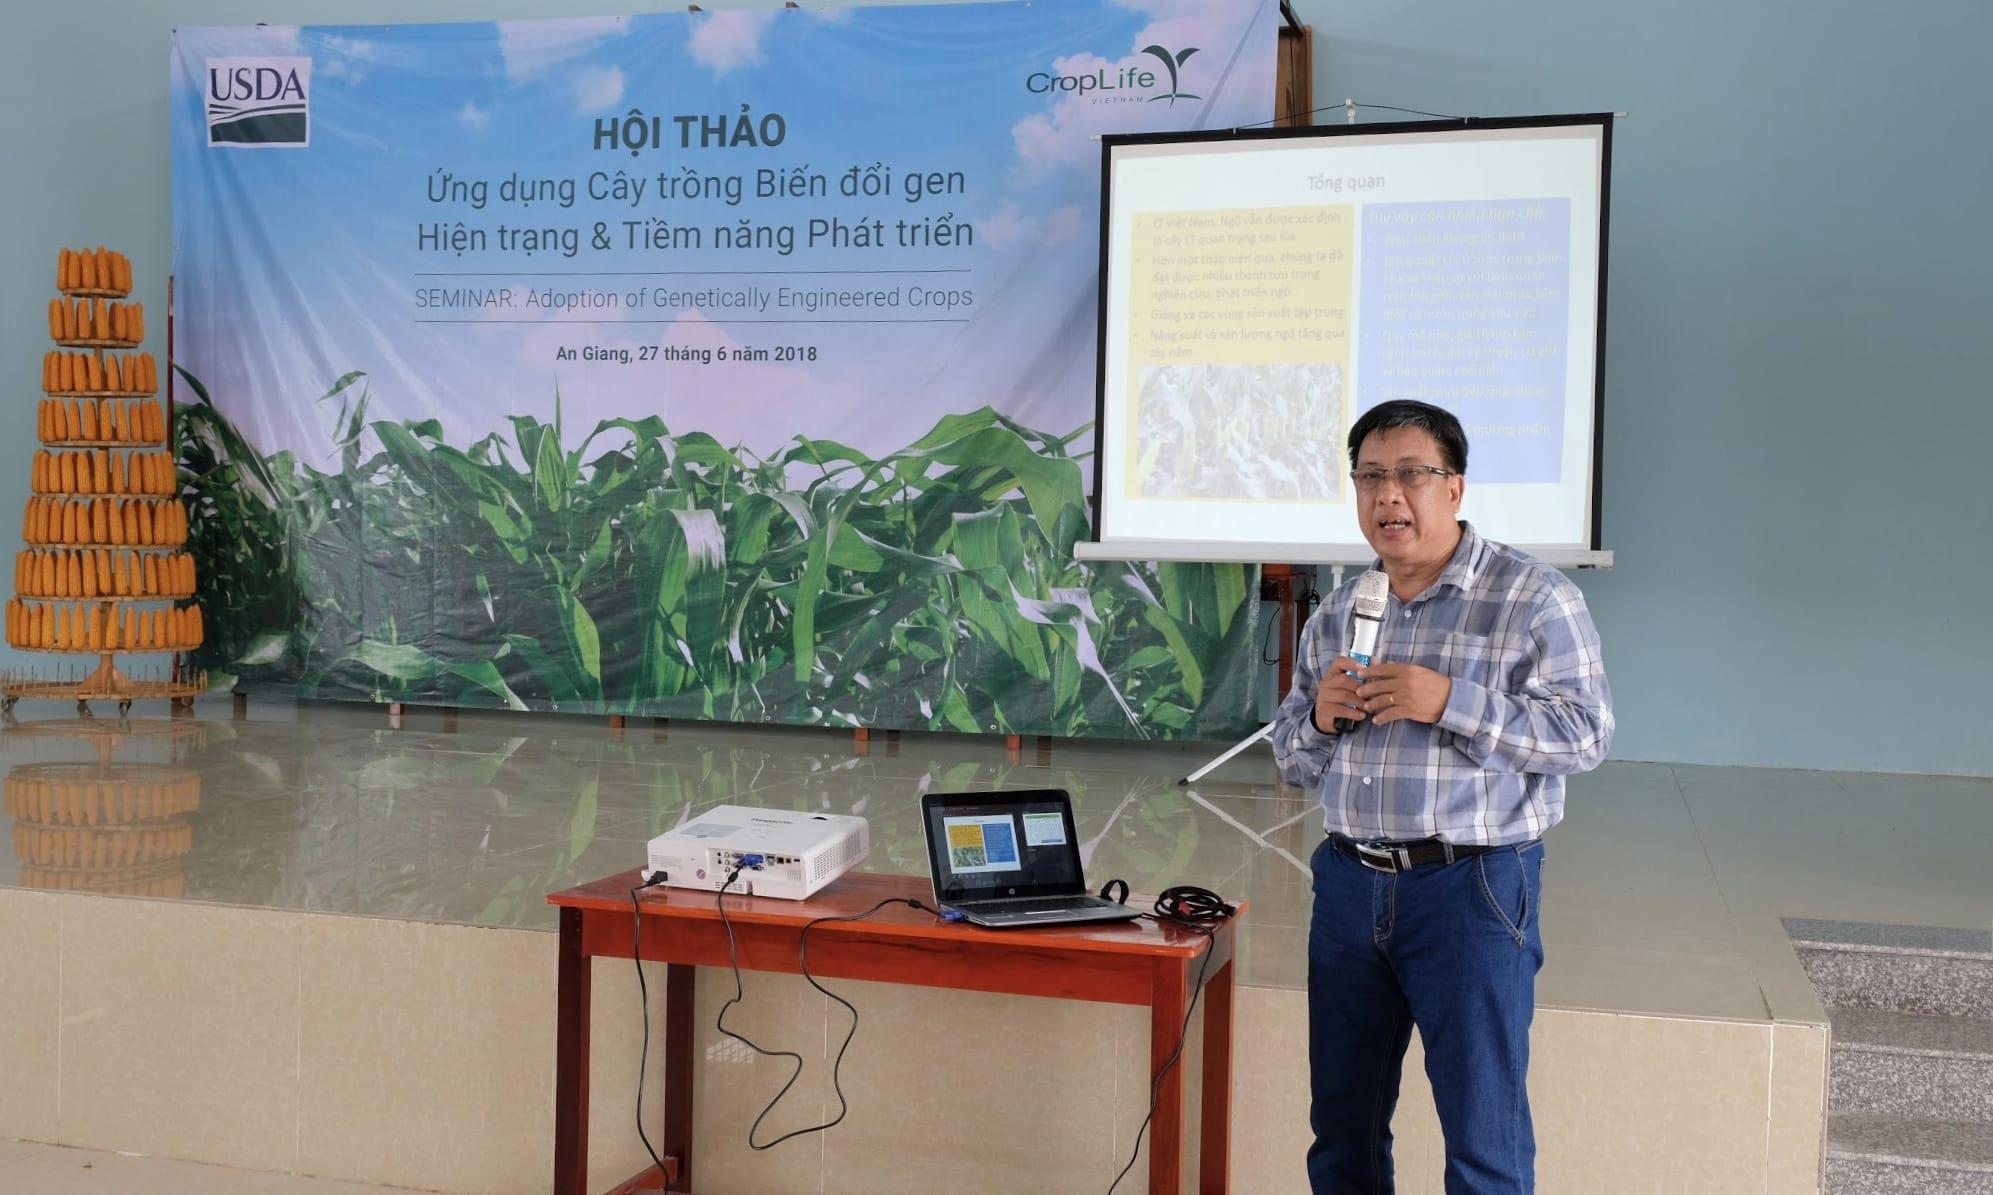 Ông Lê Thanh Tùng - Phó phòng Cây lương thực - VP Phía Nam, Cục trồng trọt, Bộ NN & PTNT trình bày về tình hình ứng dụng ngô biến đổi gen tại Việt Nam.